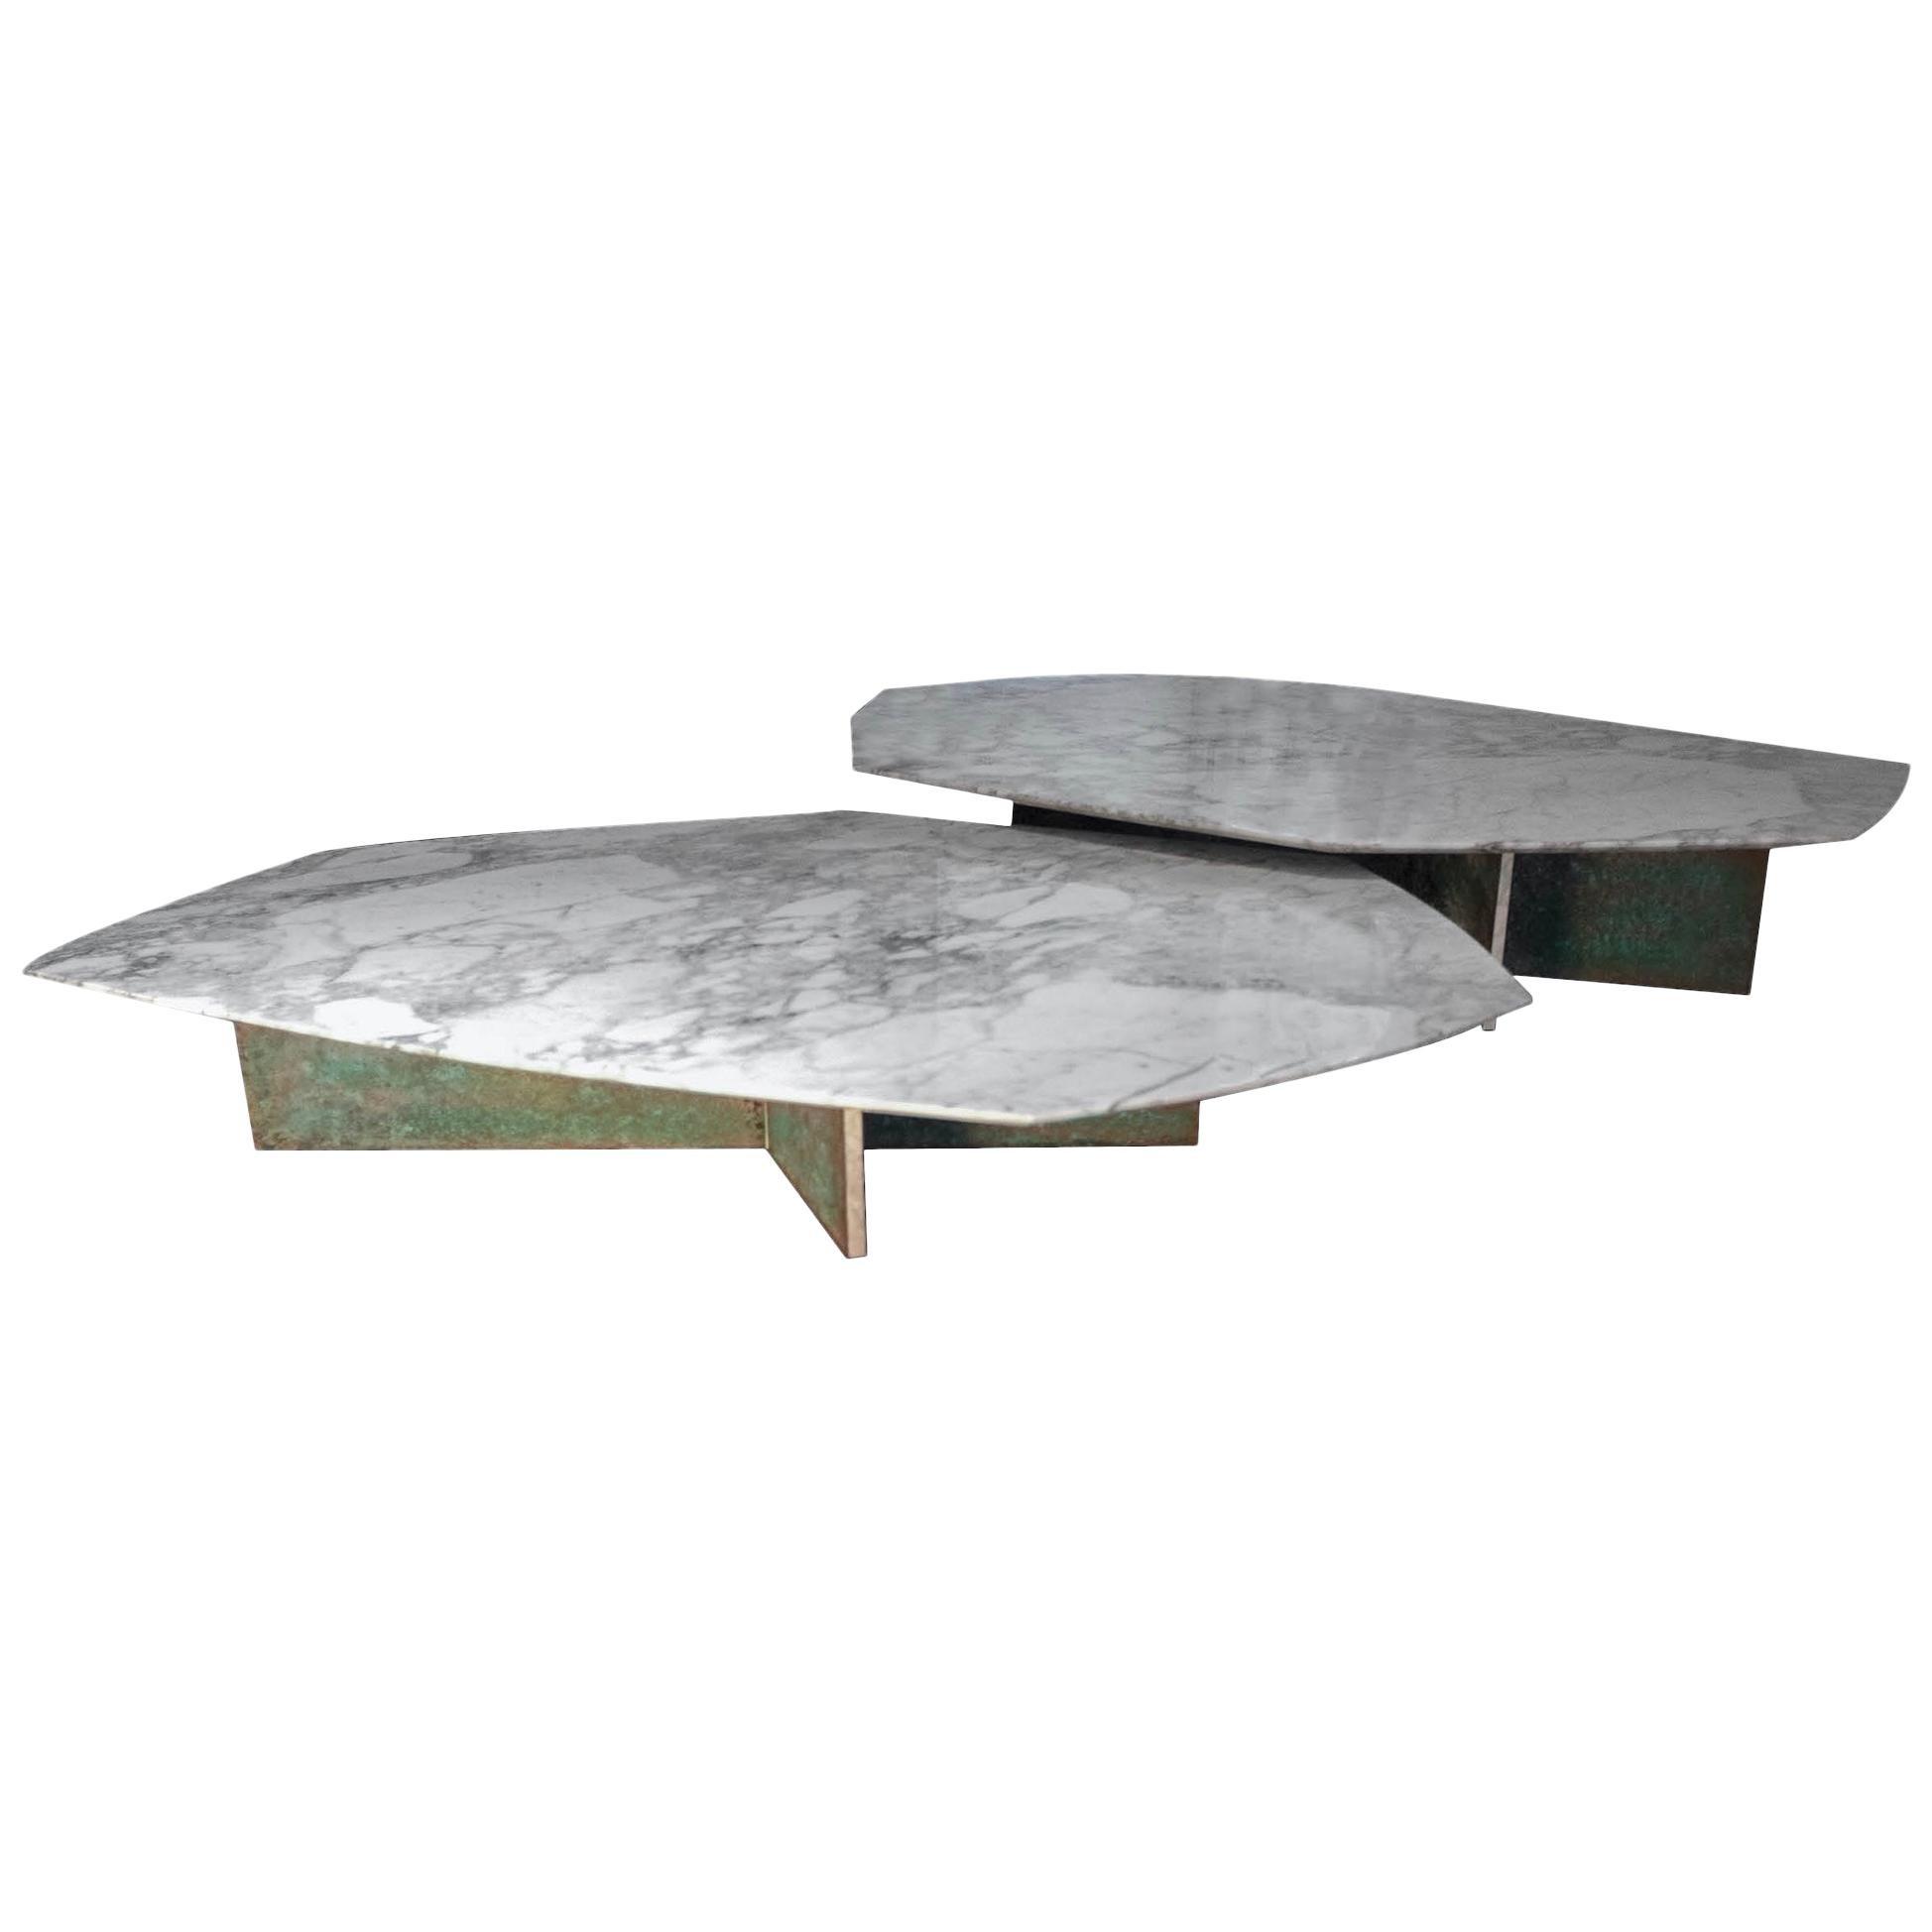 Geometrik Coffee Table Set, Oxidized Brass and Marble by Atra